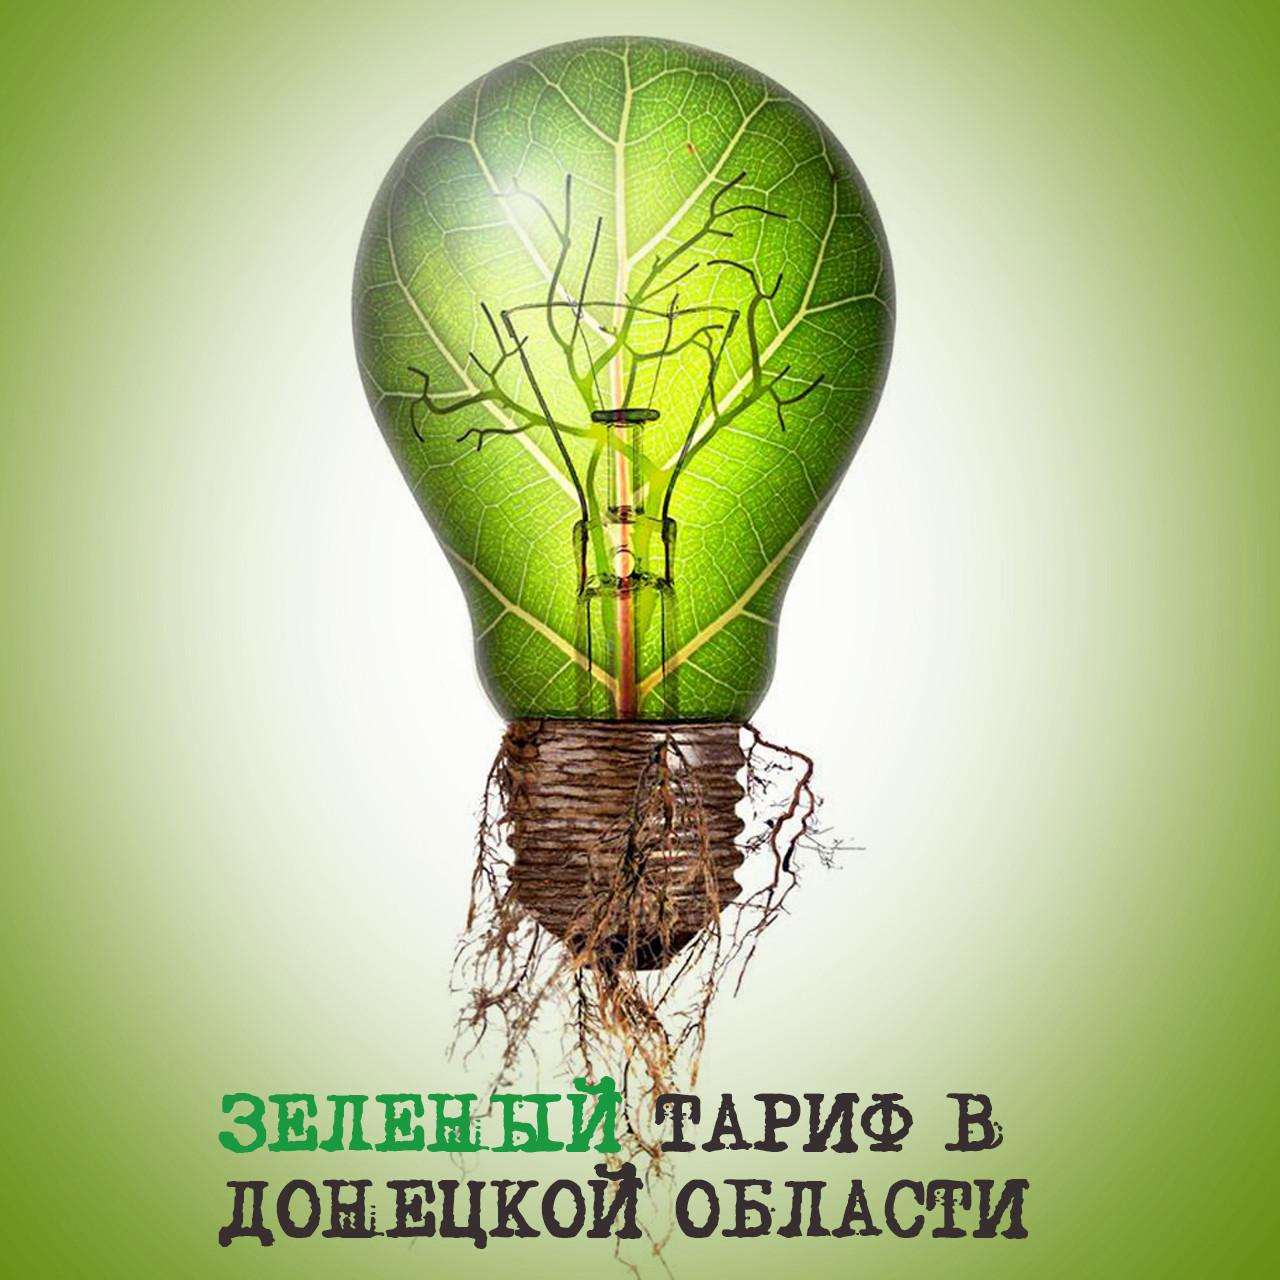 Оформление зеленого тарифа в Донецкой области